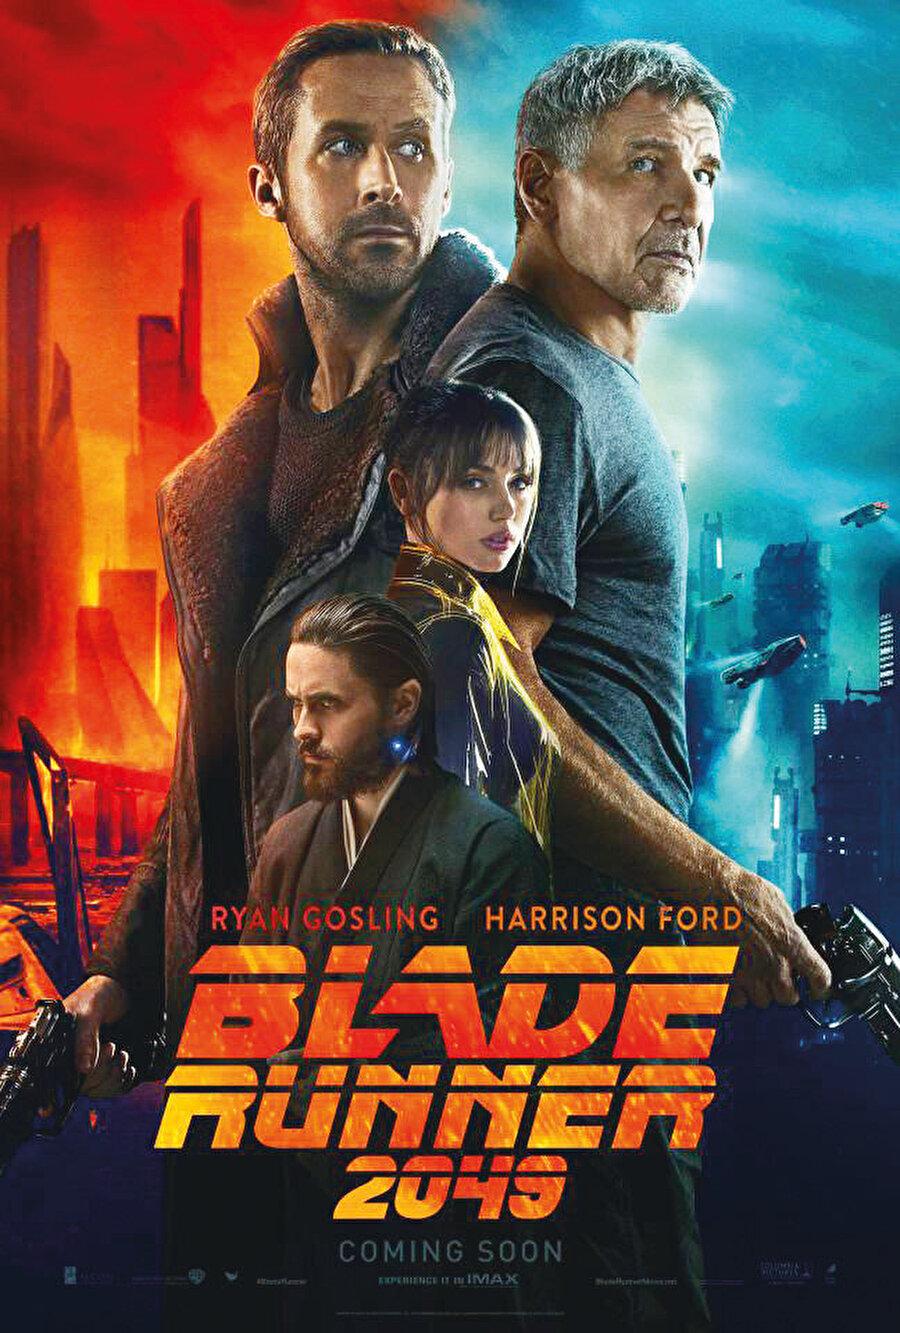 Blade Runner 2049, Philip K. Dick'in Androidler Elektrikli Koyun Düşler mi? isimli bilimkurgu romanından uyarlanan ilk film Bıçak Sırtı'nın (Blade Runner, 1982) otuz beş yıl aradan sonra gelen devam filmi bu yılın merak edilen yapımlarından. Filmin yönetmen koltuğundan İçimdeki Yangın (Incendies, 2010), Geliş (Arrival, 2016) filmleriyle tanıdığımız Denis Villeneuve var. Vizyon tarihi: 6 Ekim 2017